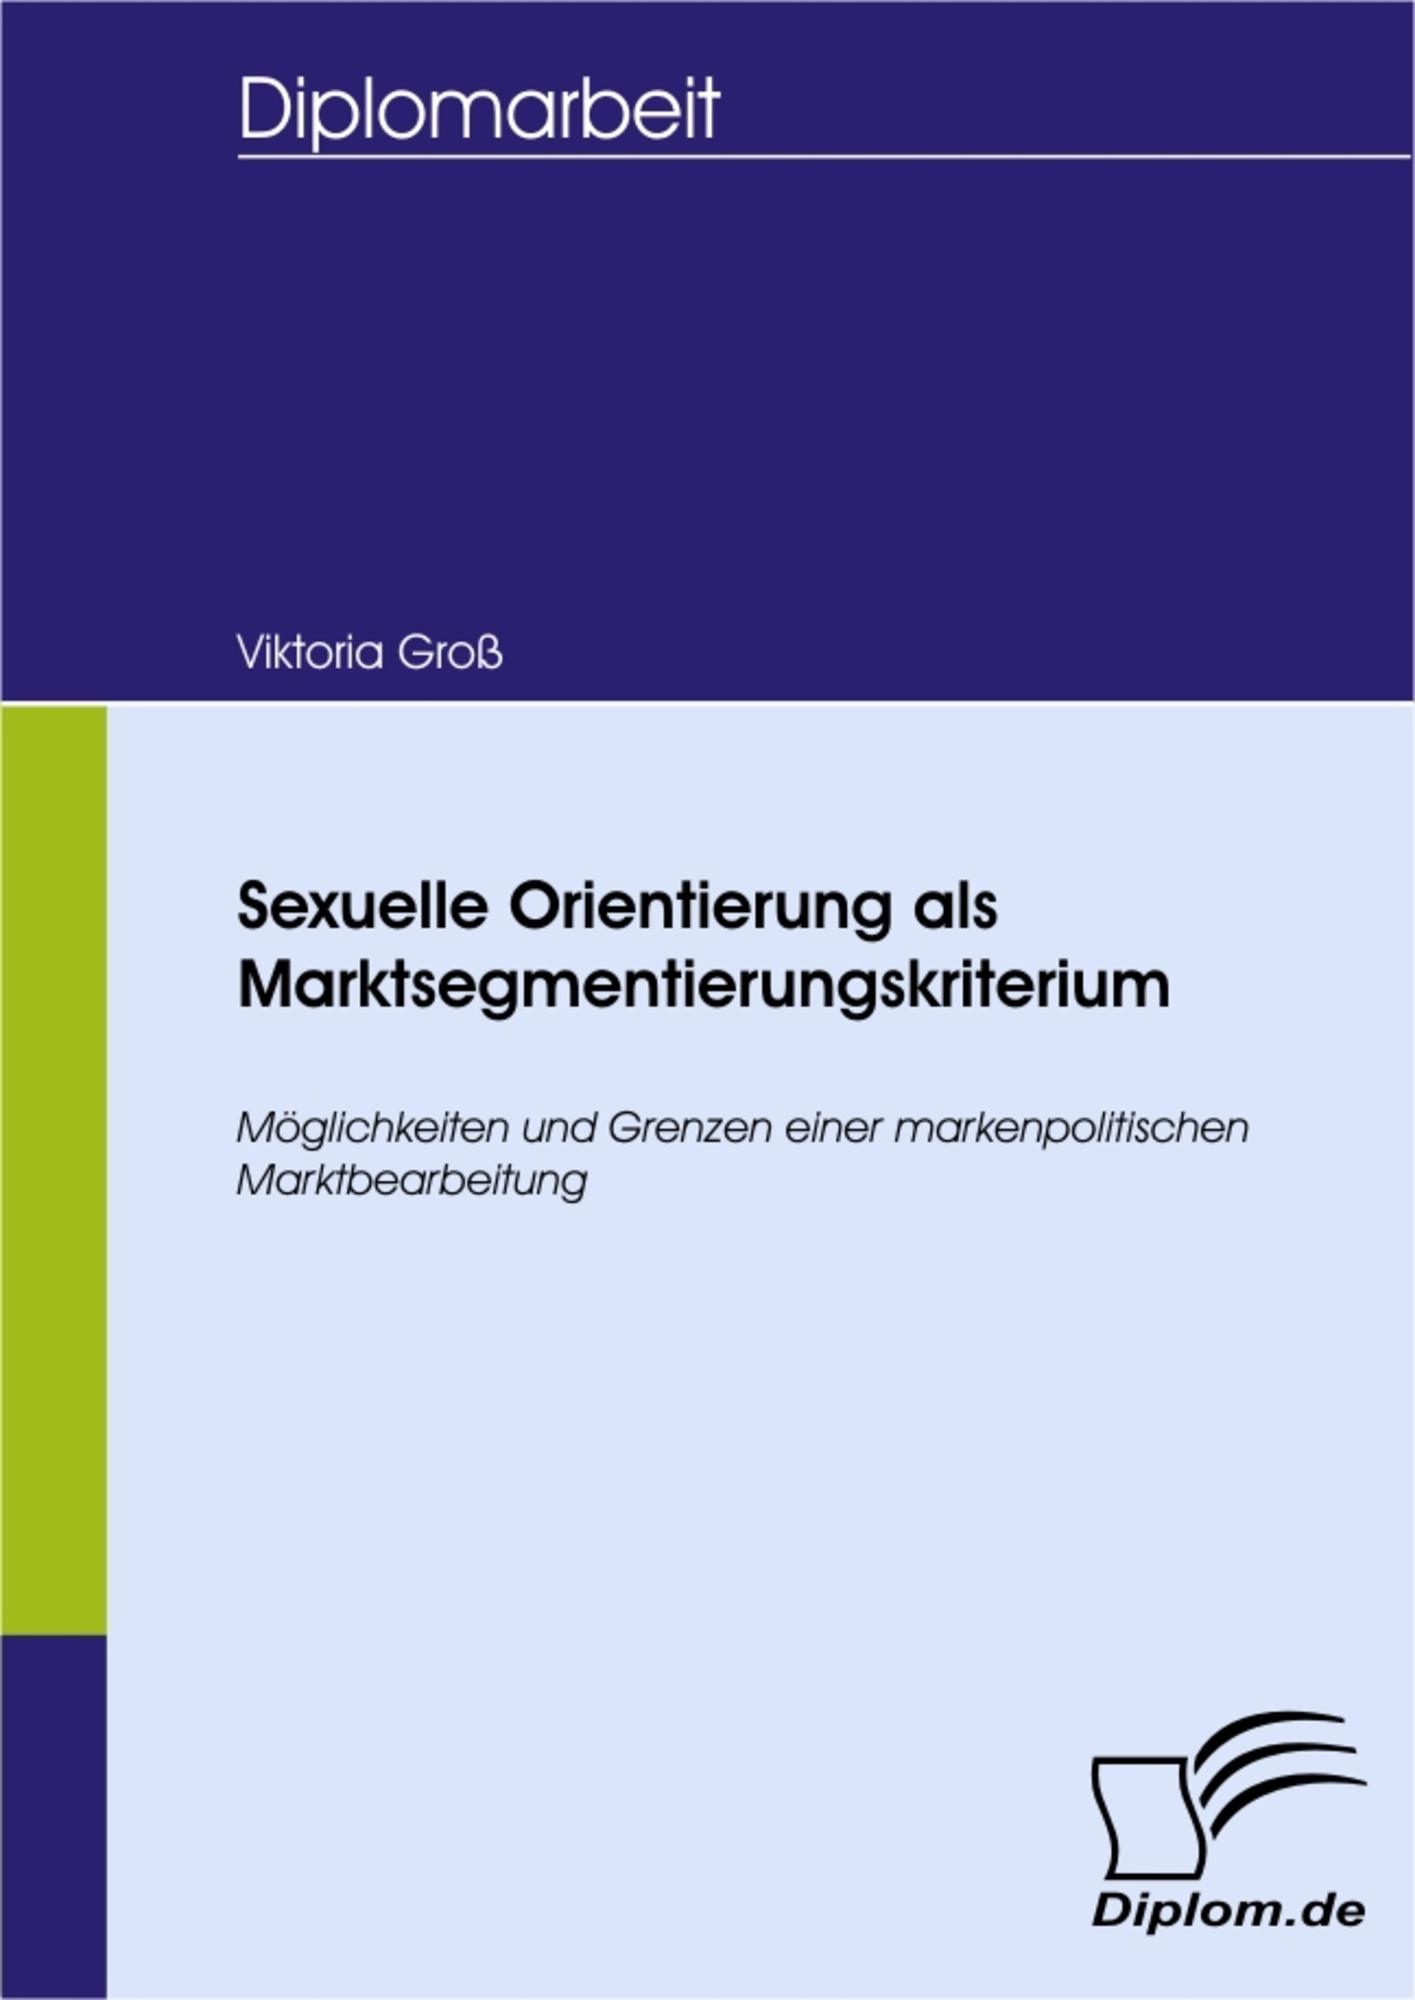 Großzügig Case Management Supervisor Setzt Stichproben Fort Ideen ...